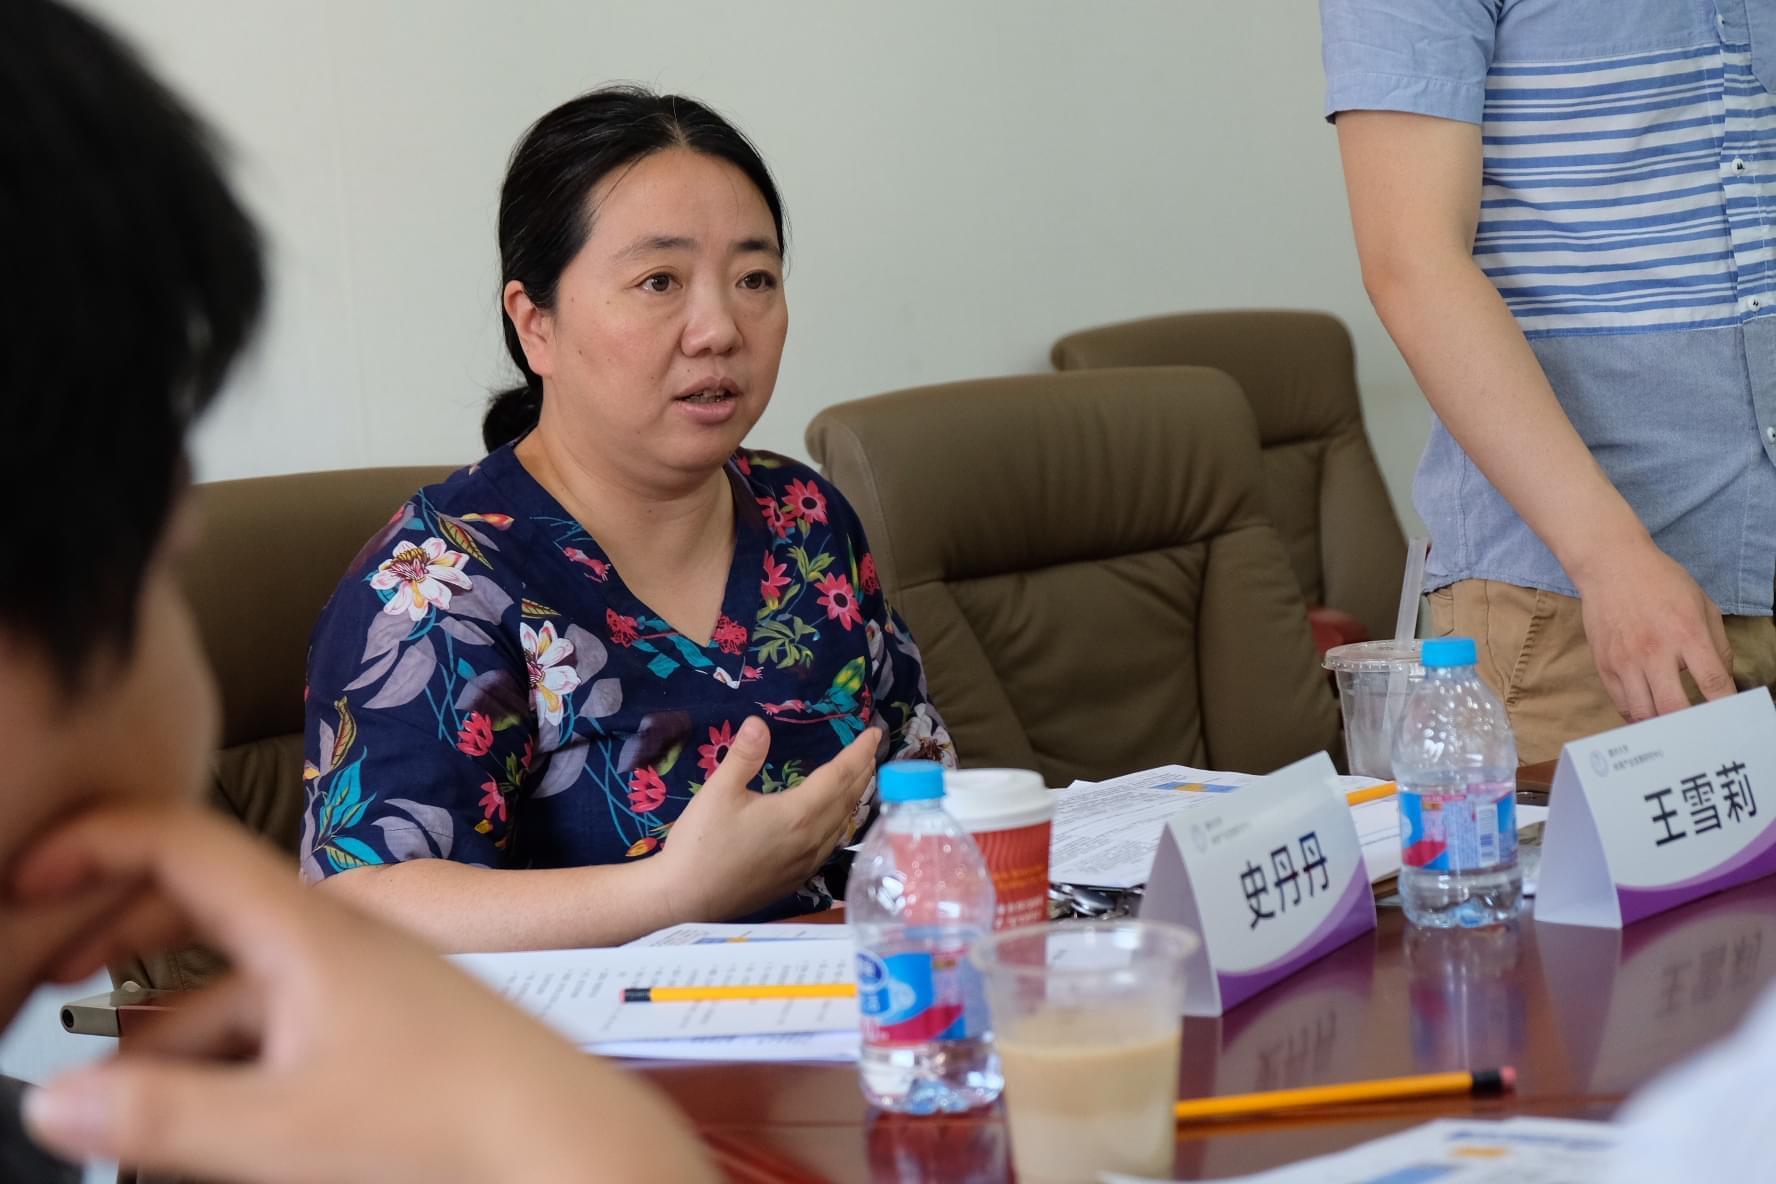 清华大学体育产业发展研究中心主任王雪莉